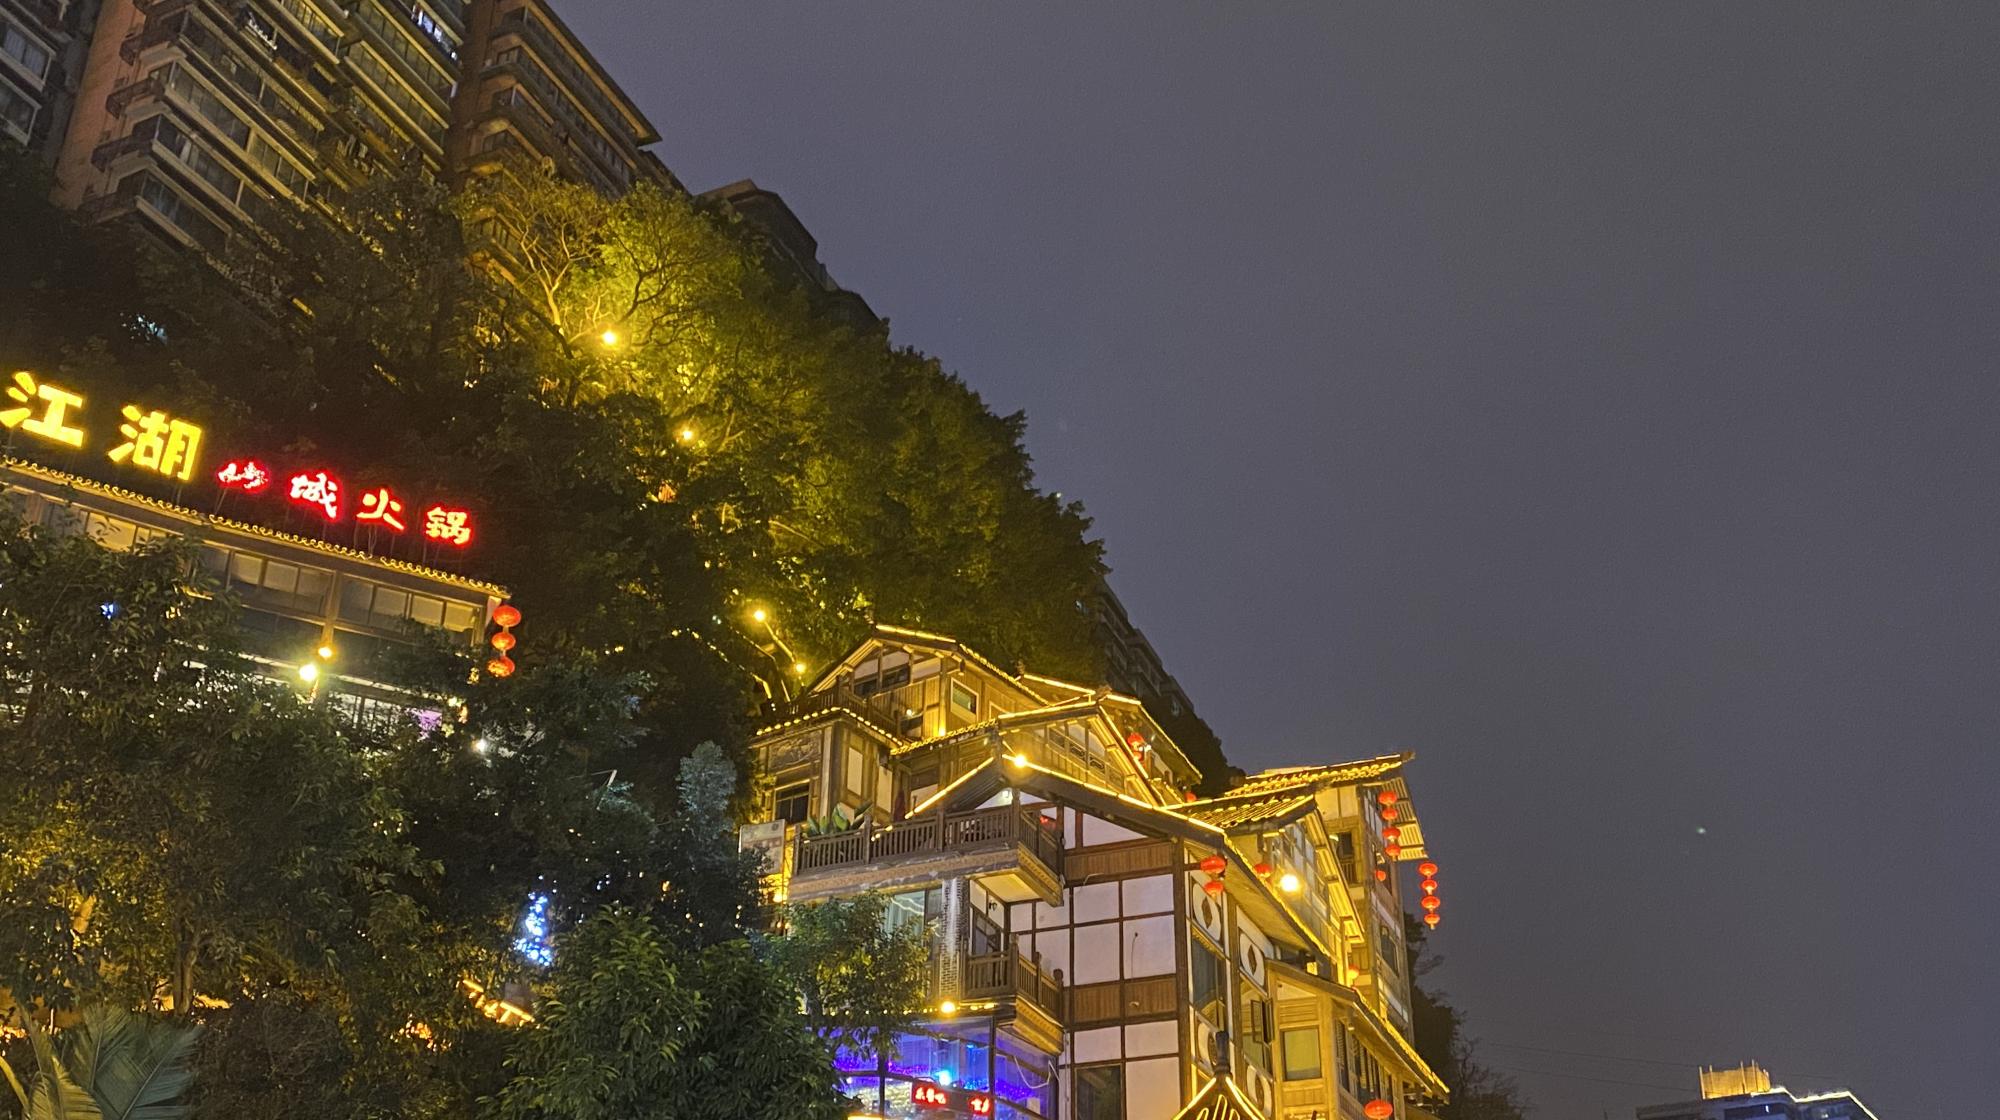 重庆夜幕风情